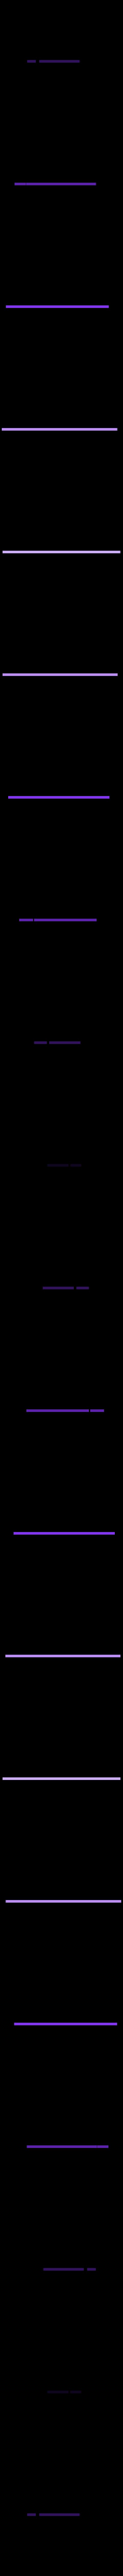 sproutstick.stl Télécharger fichier STL gratuit Wally Whale Vase • Plan pour imprimante 3D, Xacto